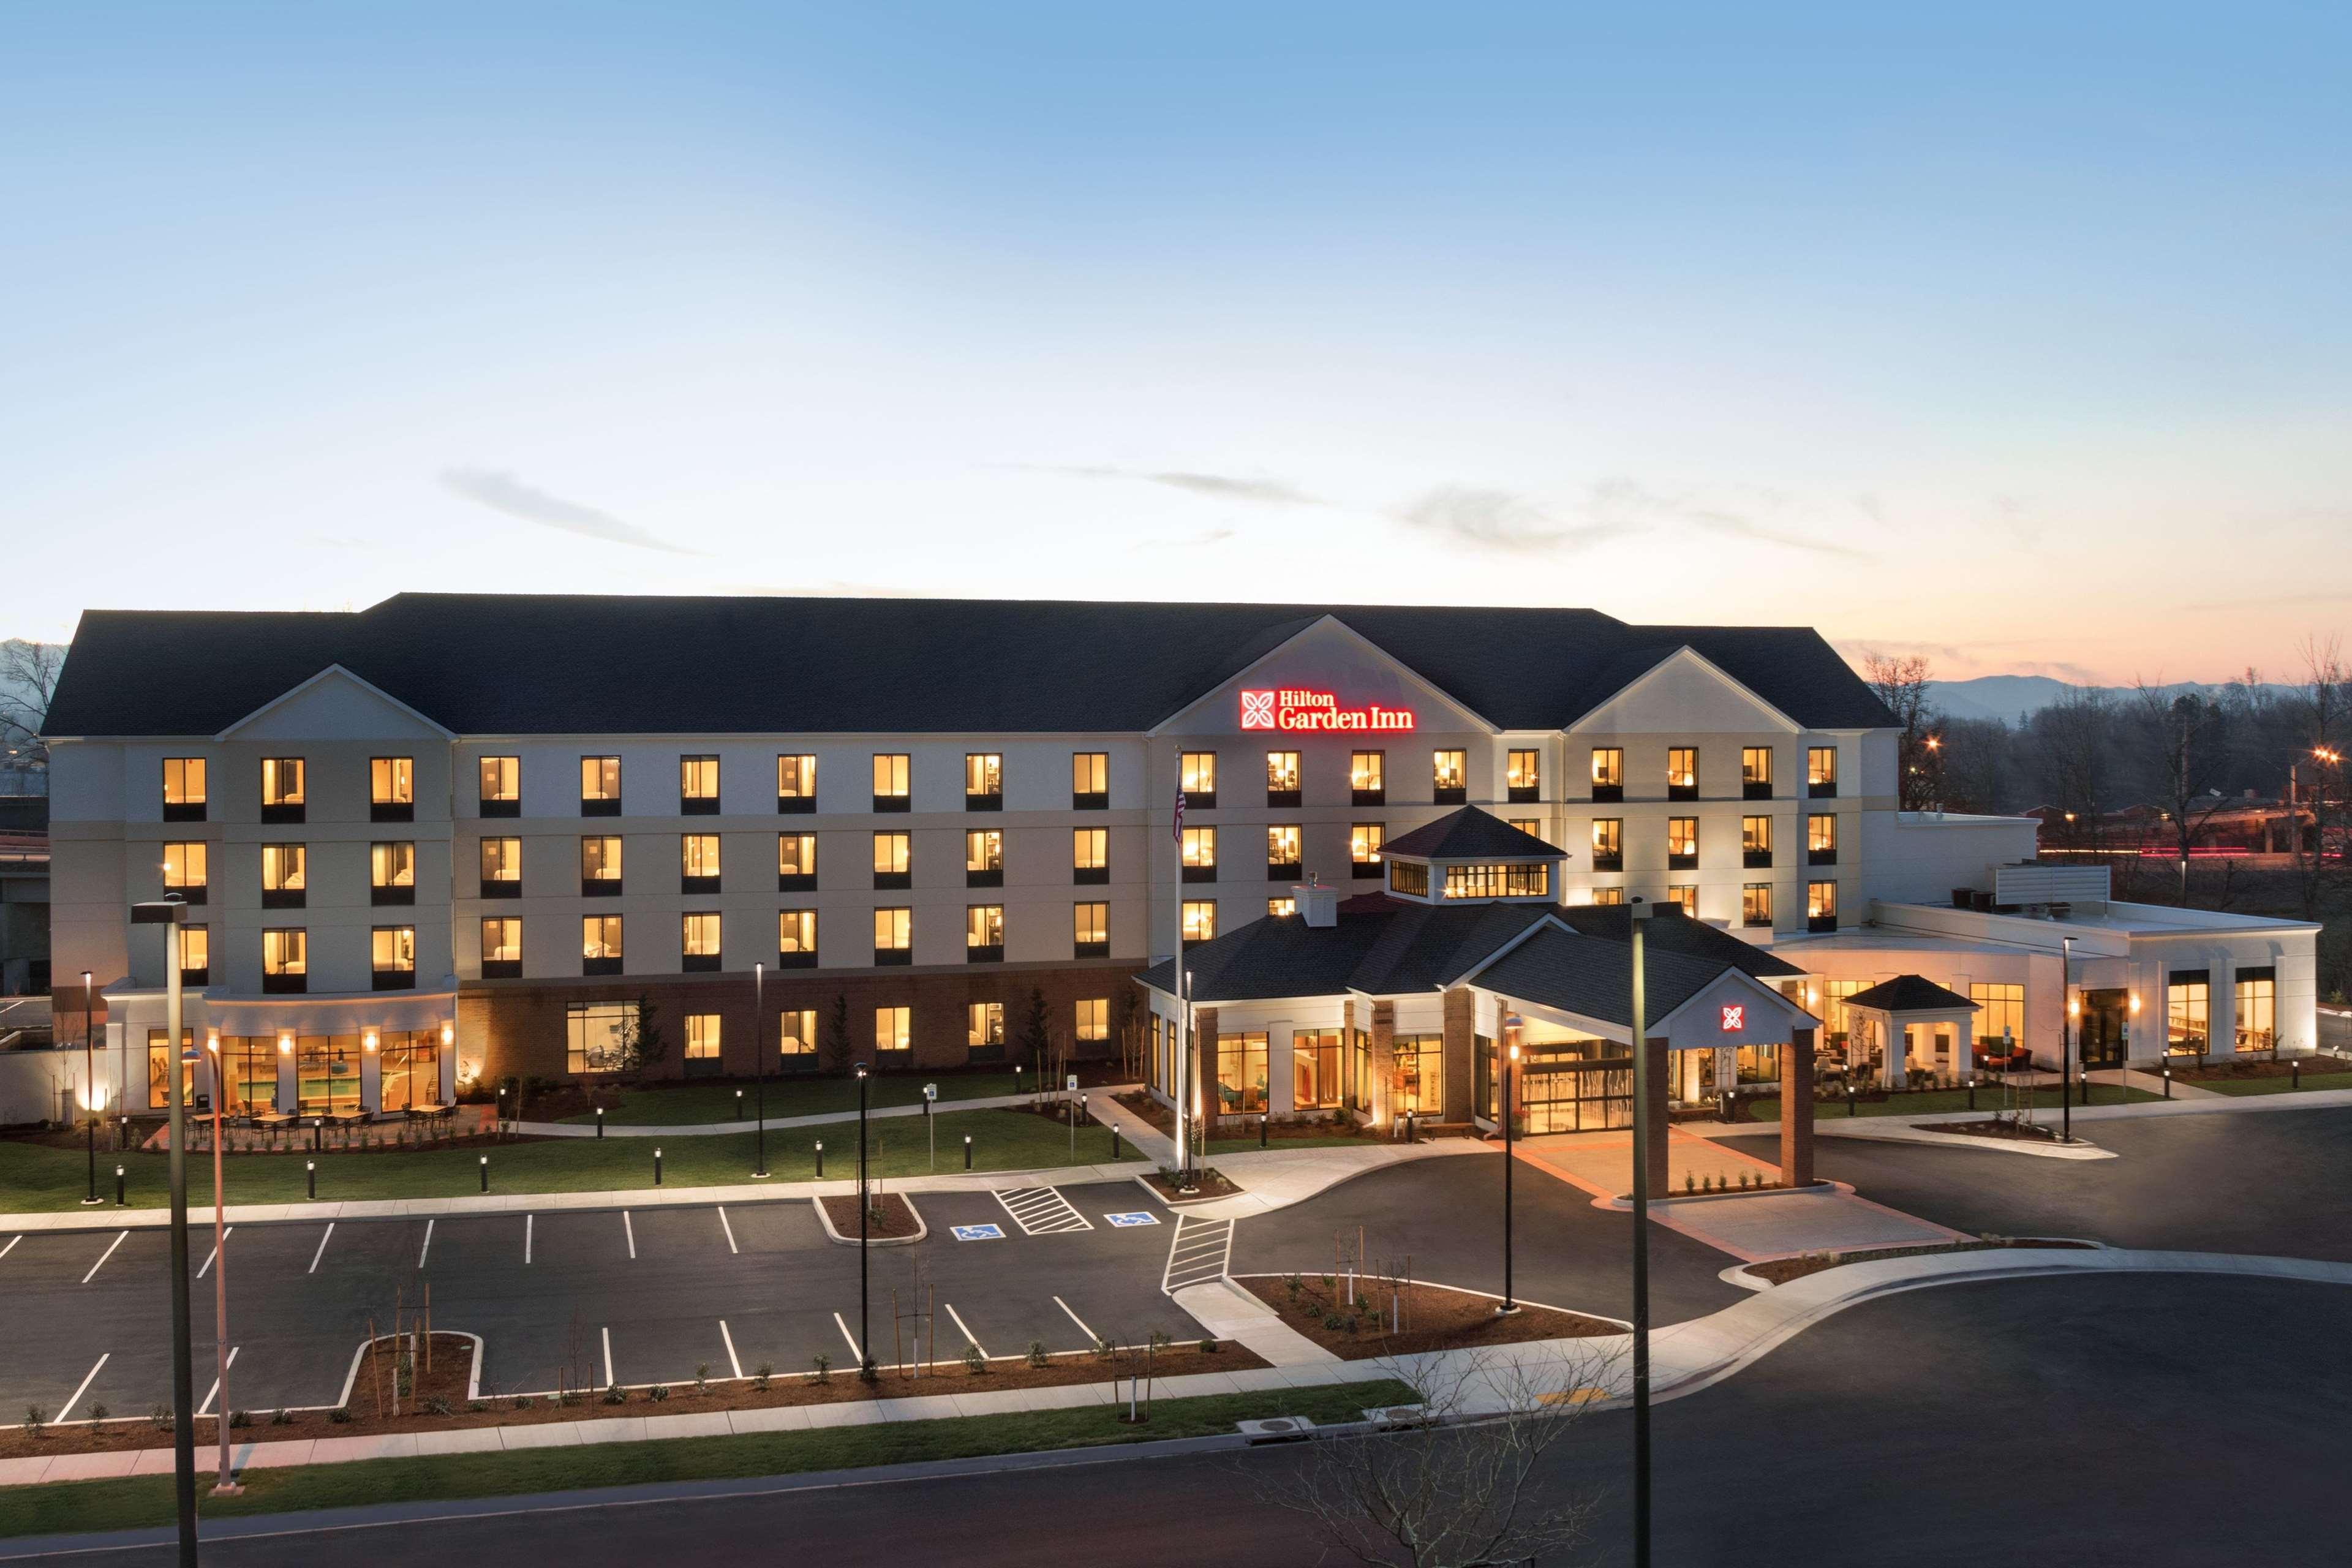 Hilton Garden Inn Medford image 7